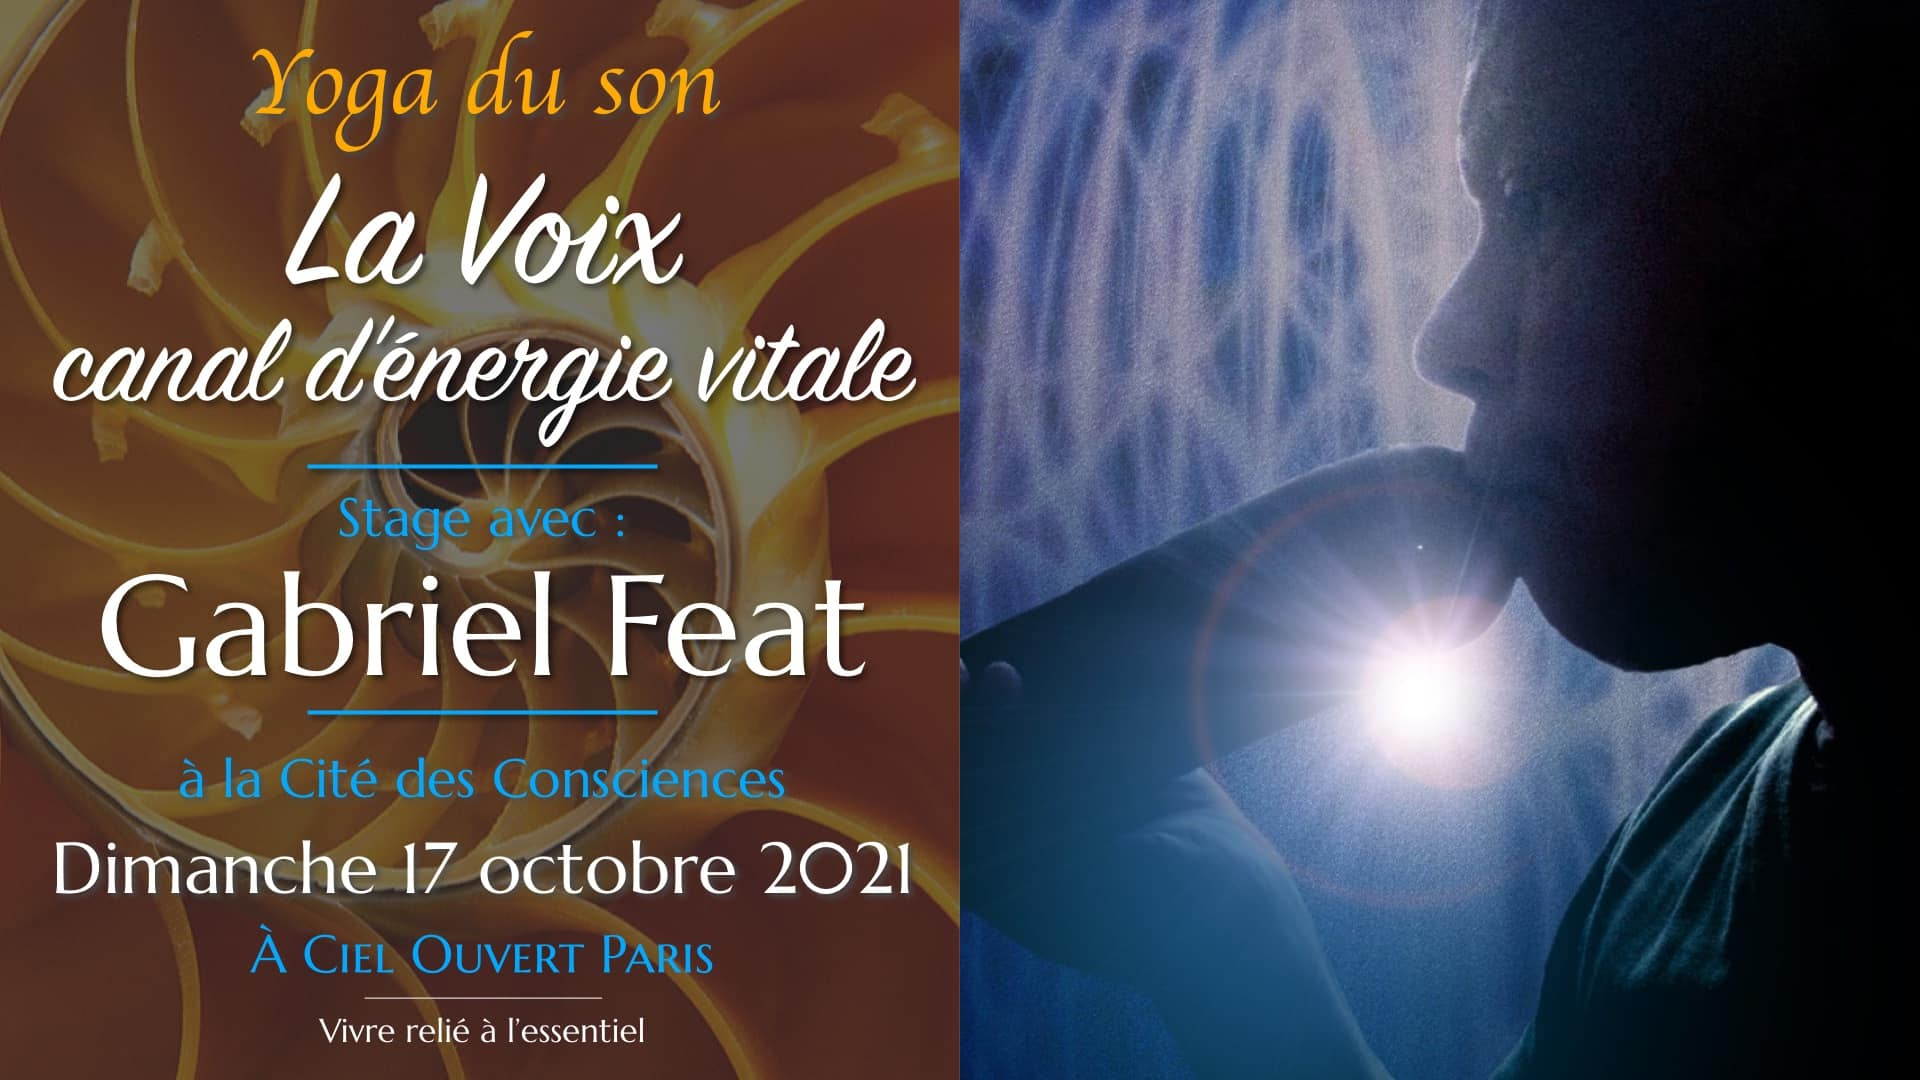 La Voix, canal d'énergie vitale – Gabriel Feat